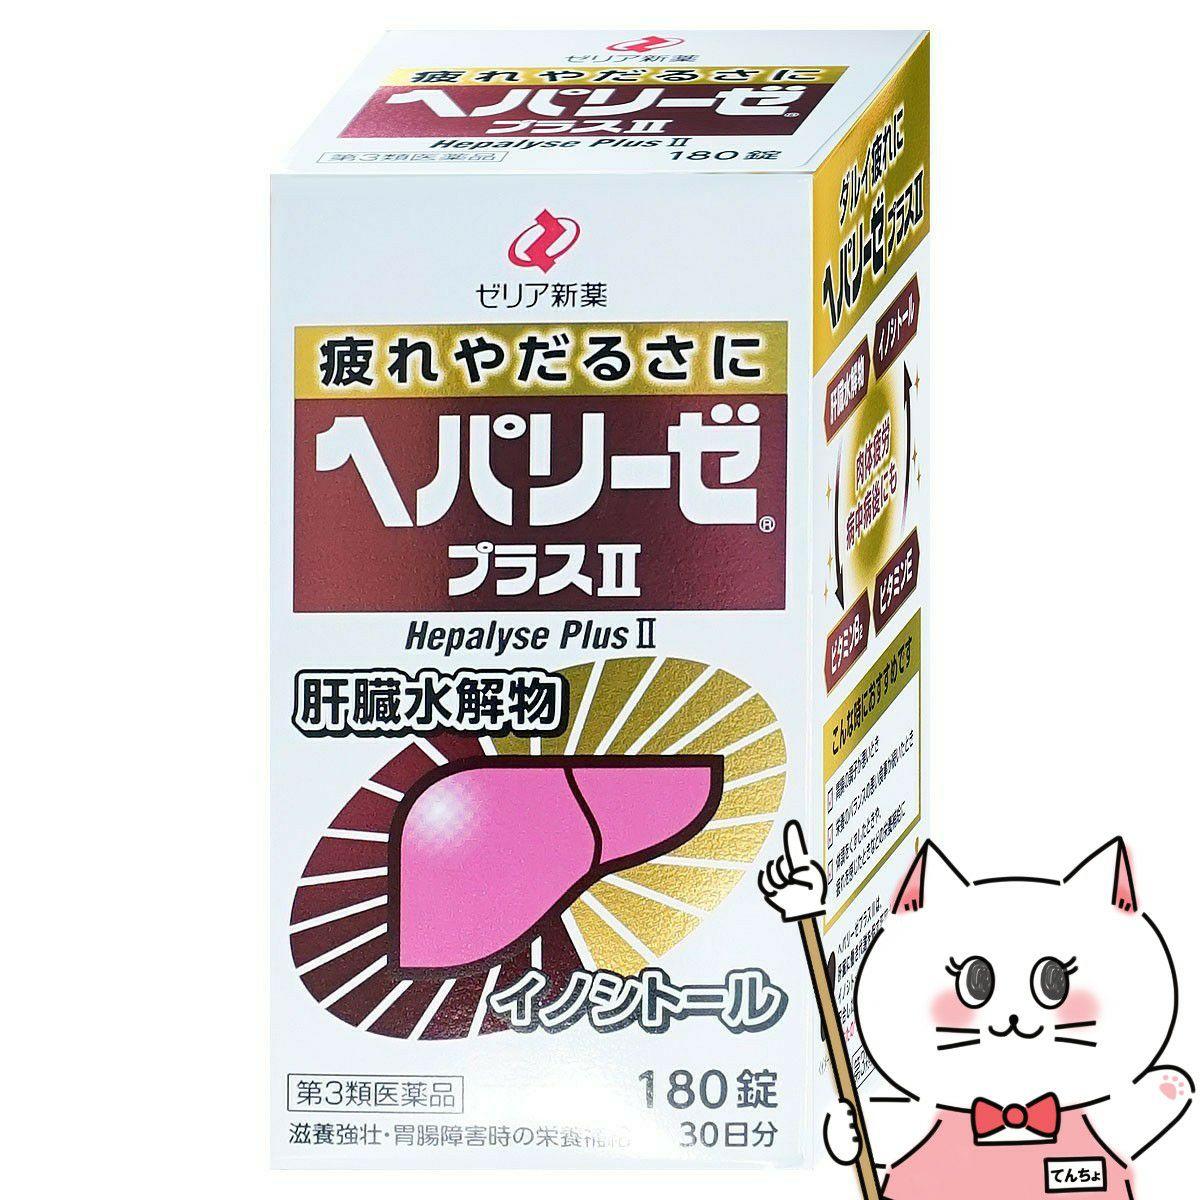 ビタミン剤、栄養剤